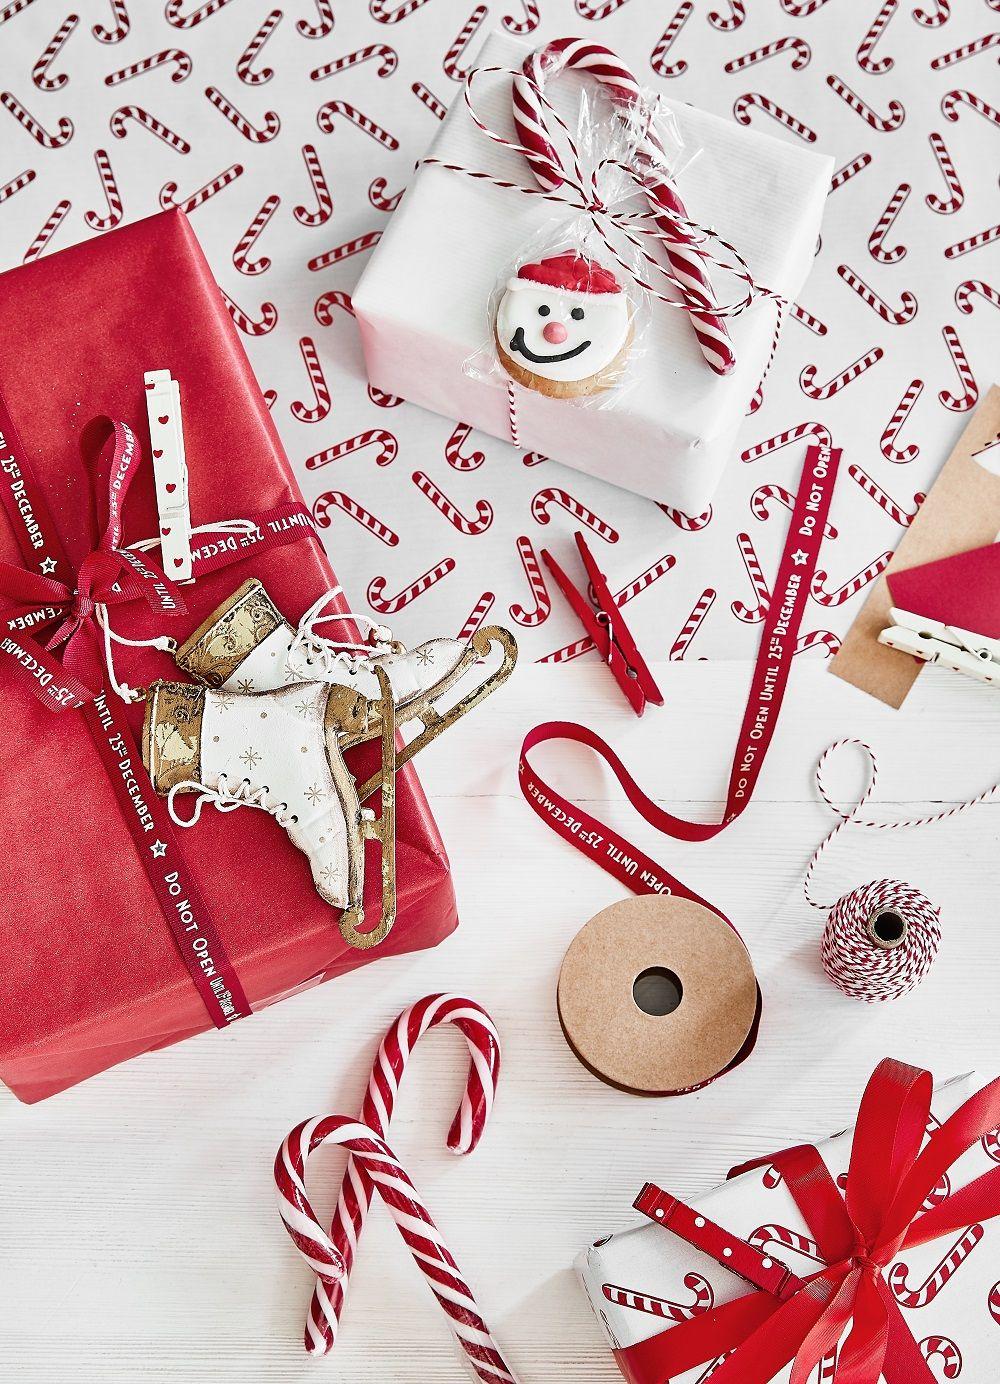 Besonders die Kleinen freuen sich über die Geschenke an Weihnachten ...